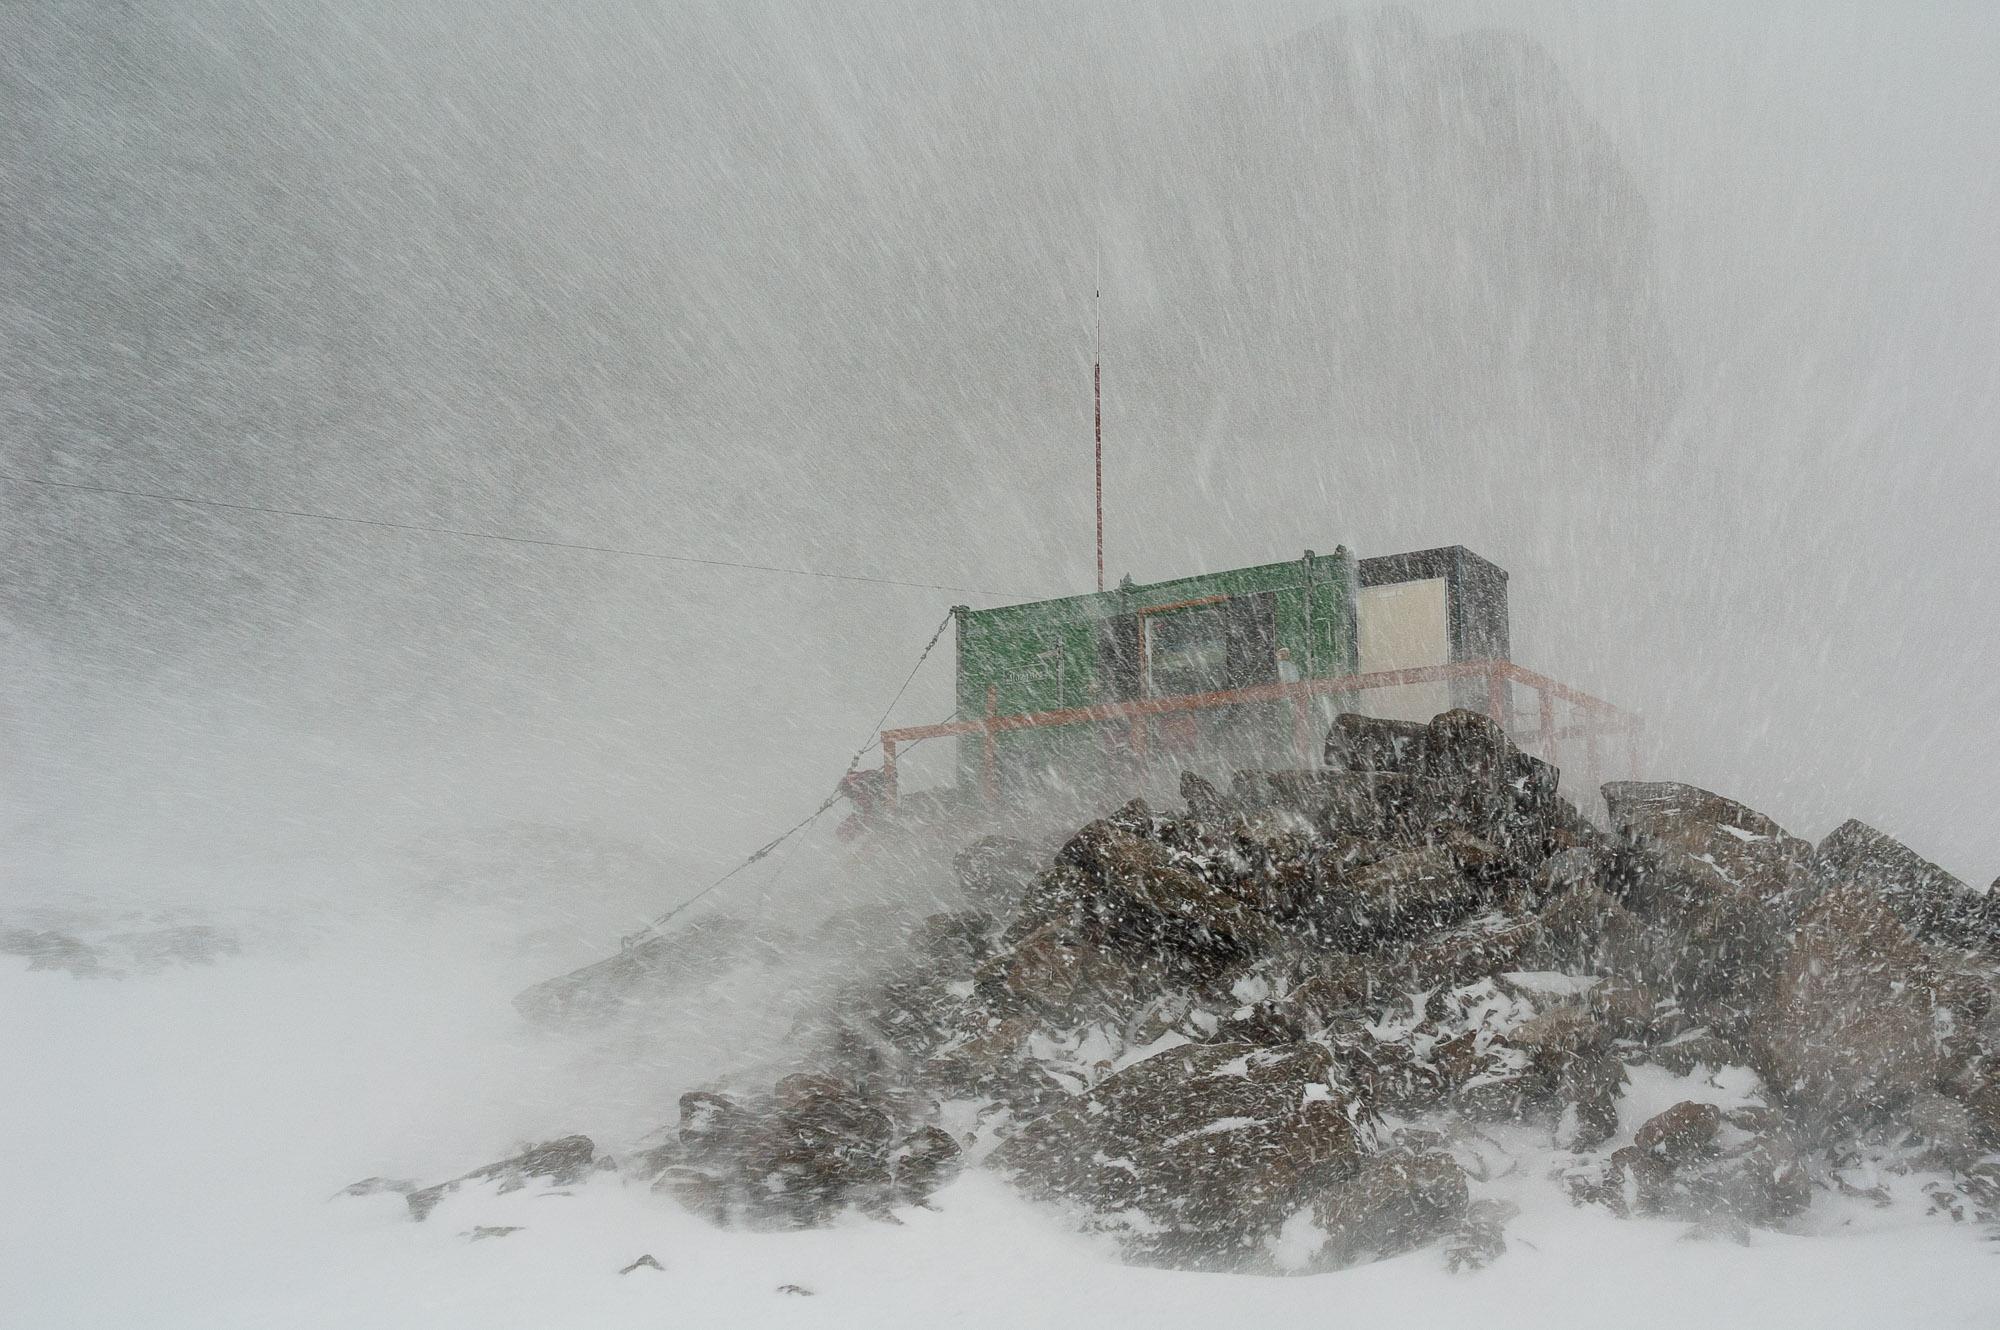 Rumdoodle Hut in a blizzard, North Masson Range, Framnes Mountains, Mac Robertson Land, Antarctica.